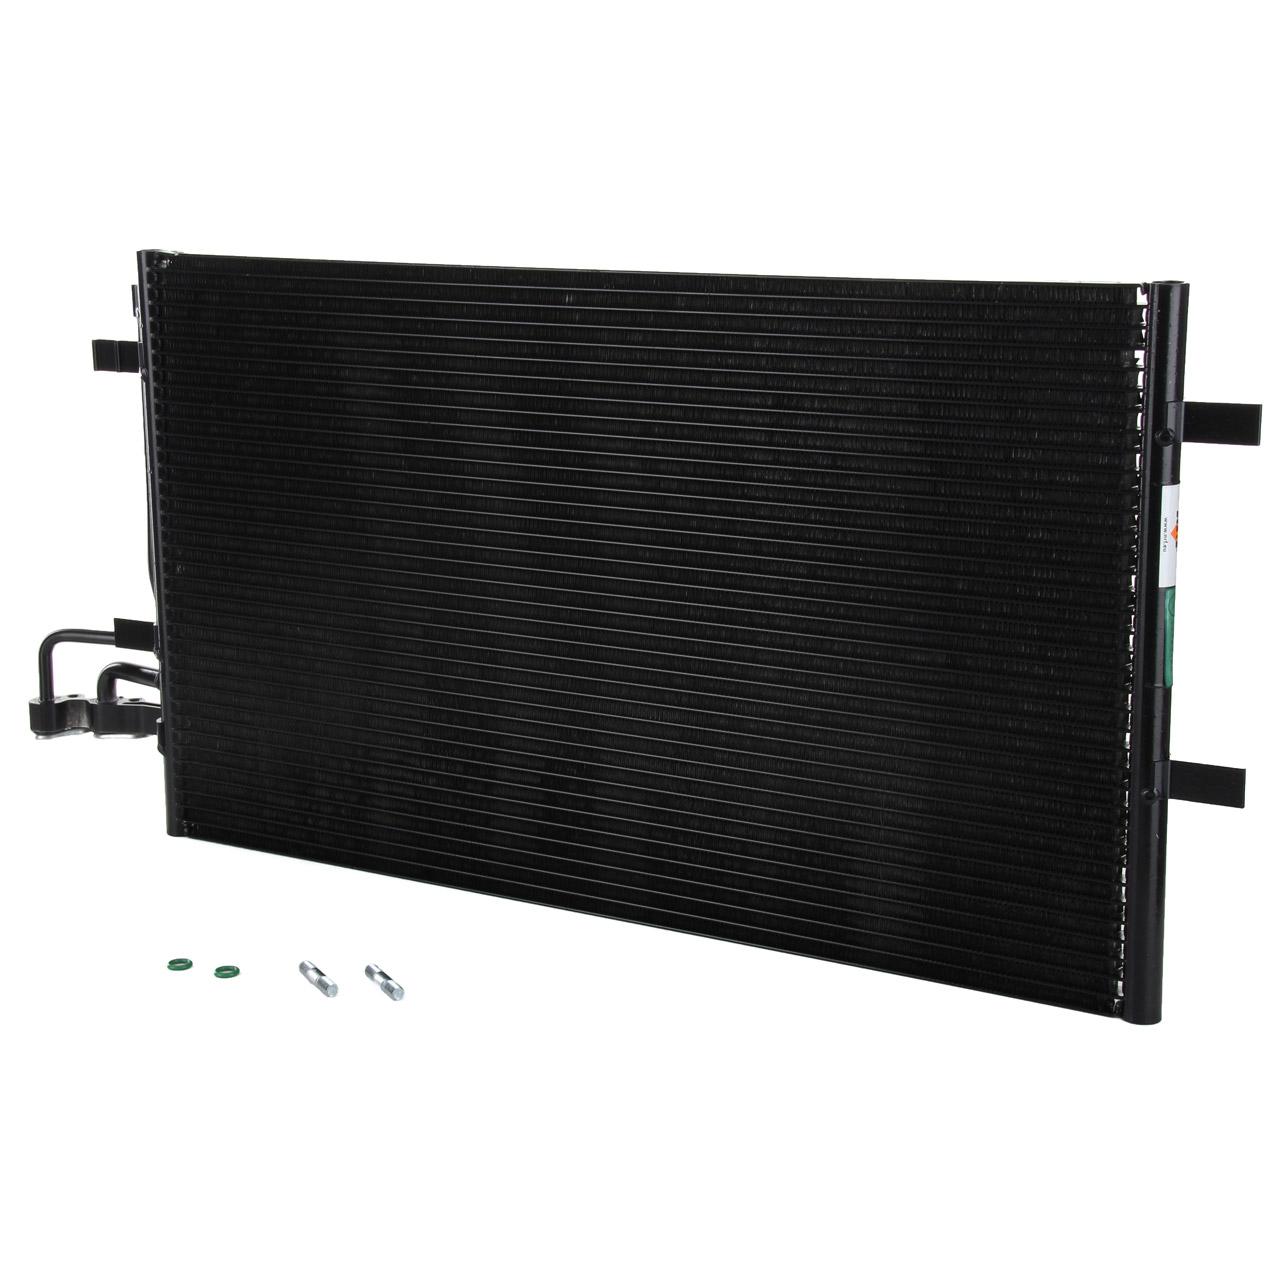 NRF 35551 Kondensator Klimakondensator EASY FIT FORD C-Max DM2 Focus 2 MK2 1234248